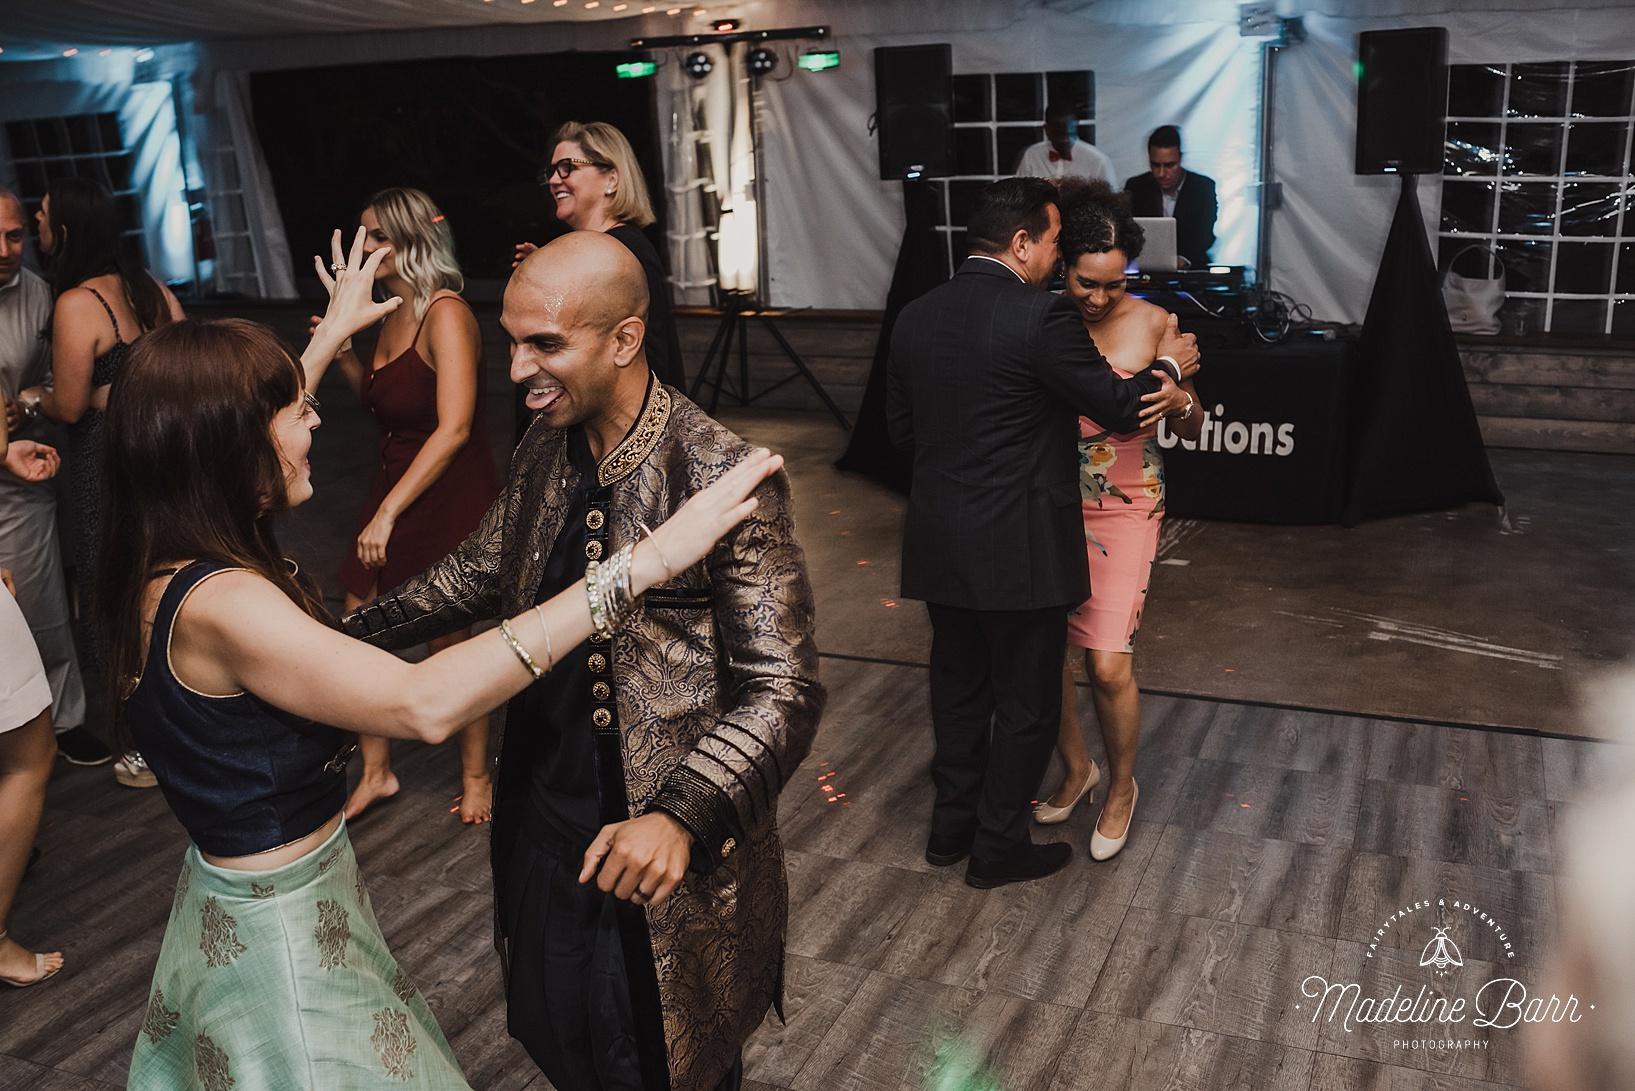 SanDiego_Multicultural_Elopement_Wedding0058.jpg